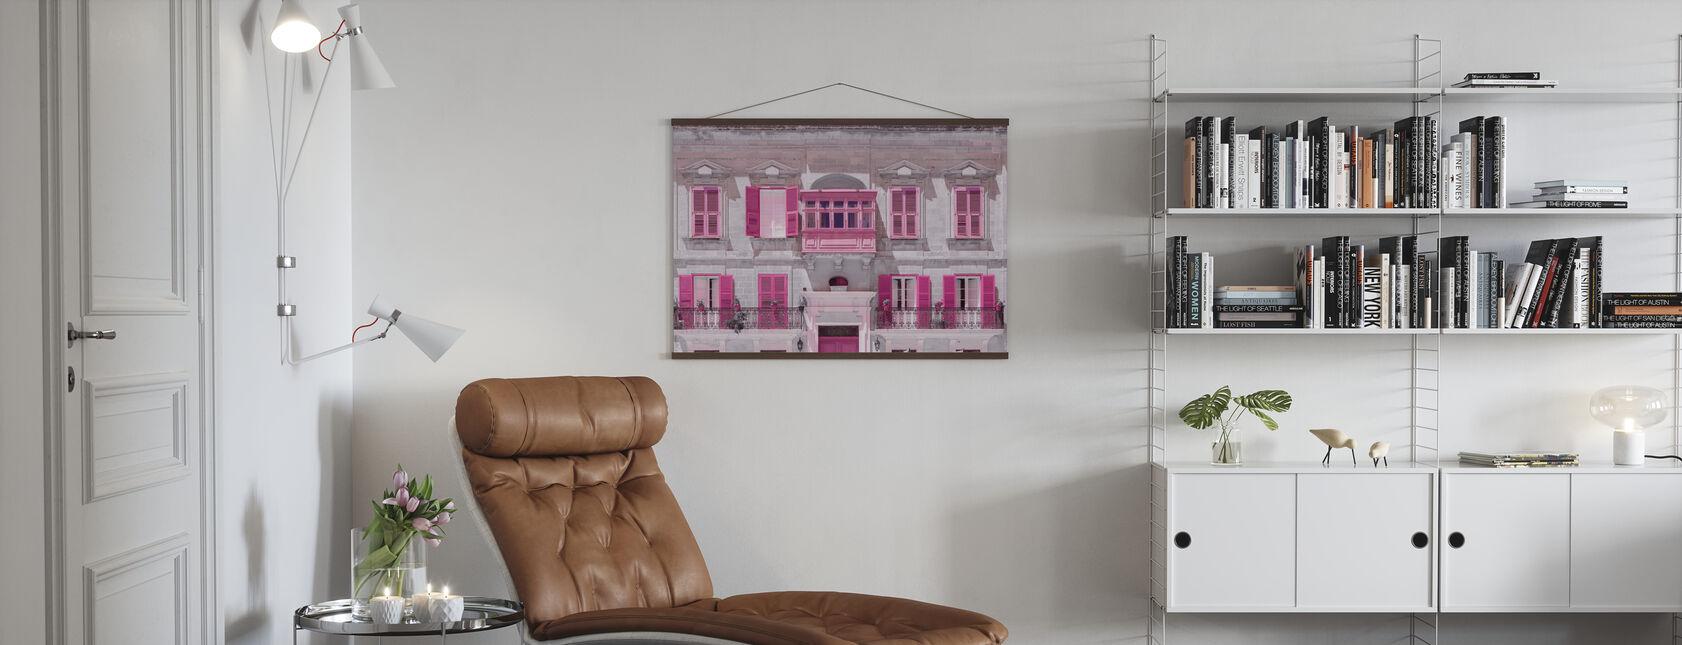 Malta Facade - Pink - Poster - Living Room